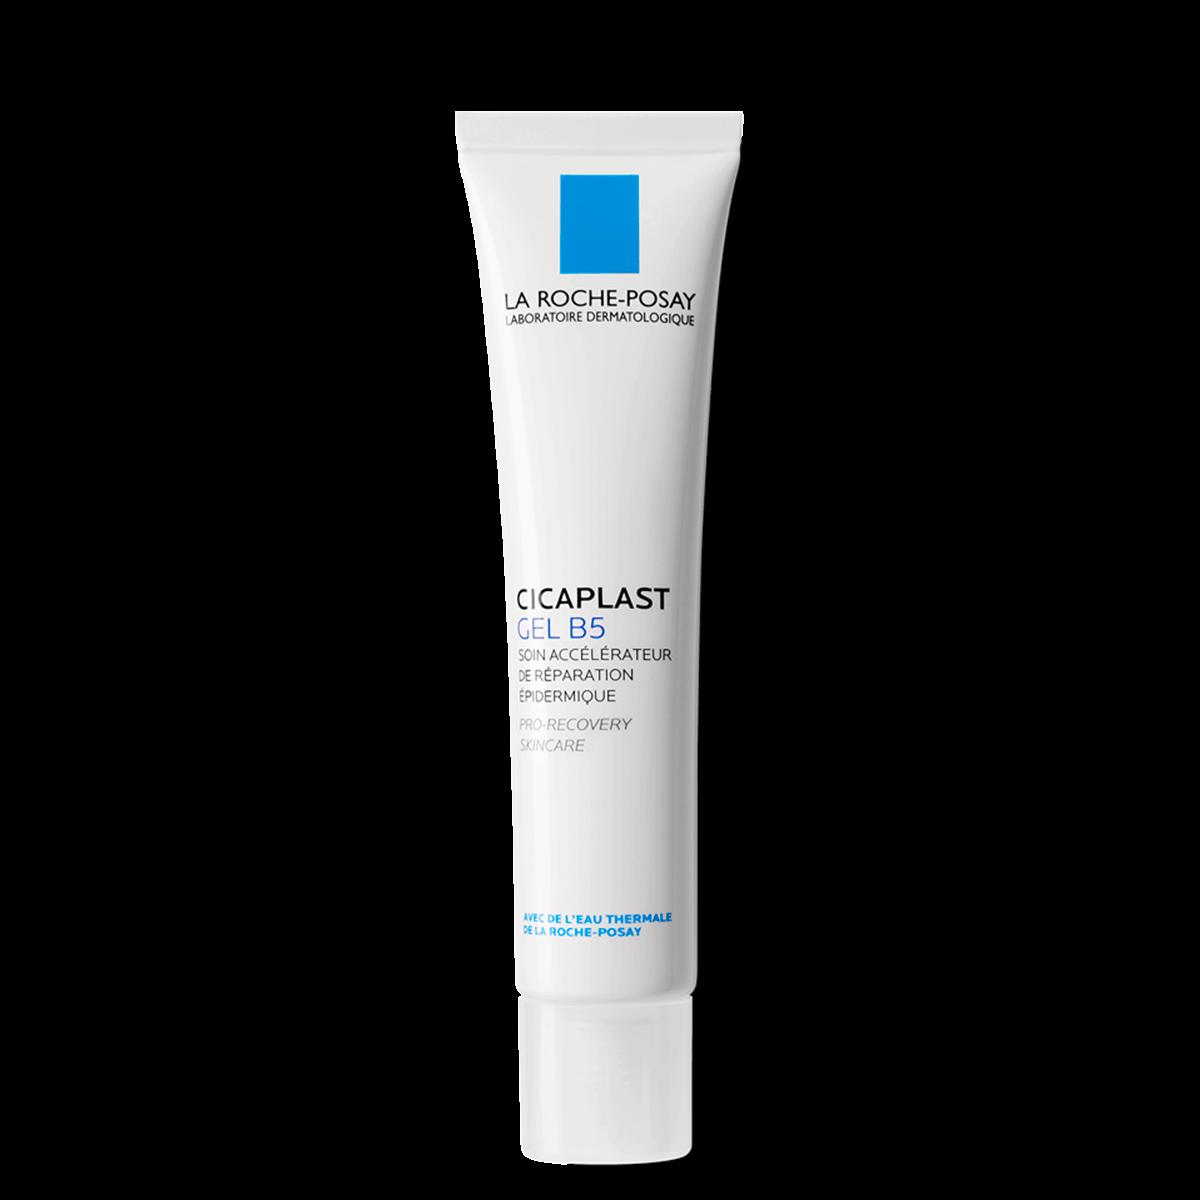 cicaplast gel b5 acelera a cicatrização da pele gel-pomada cicatrizante